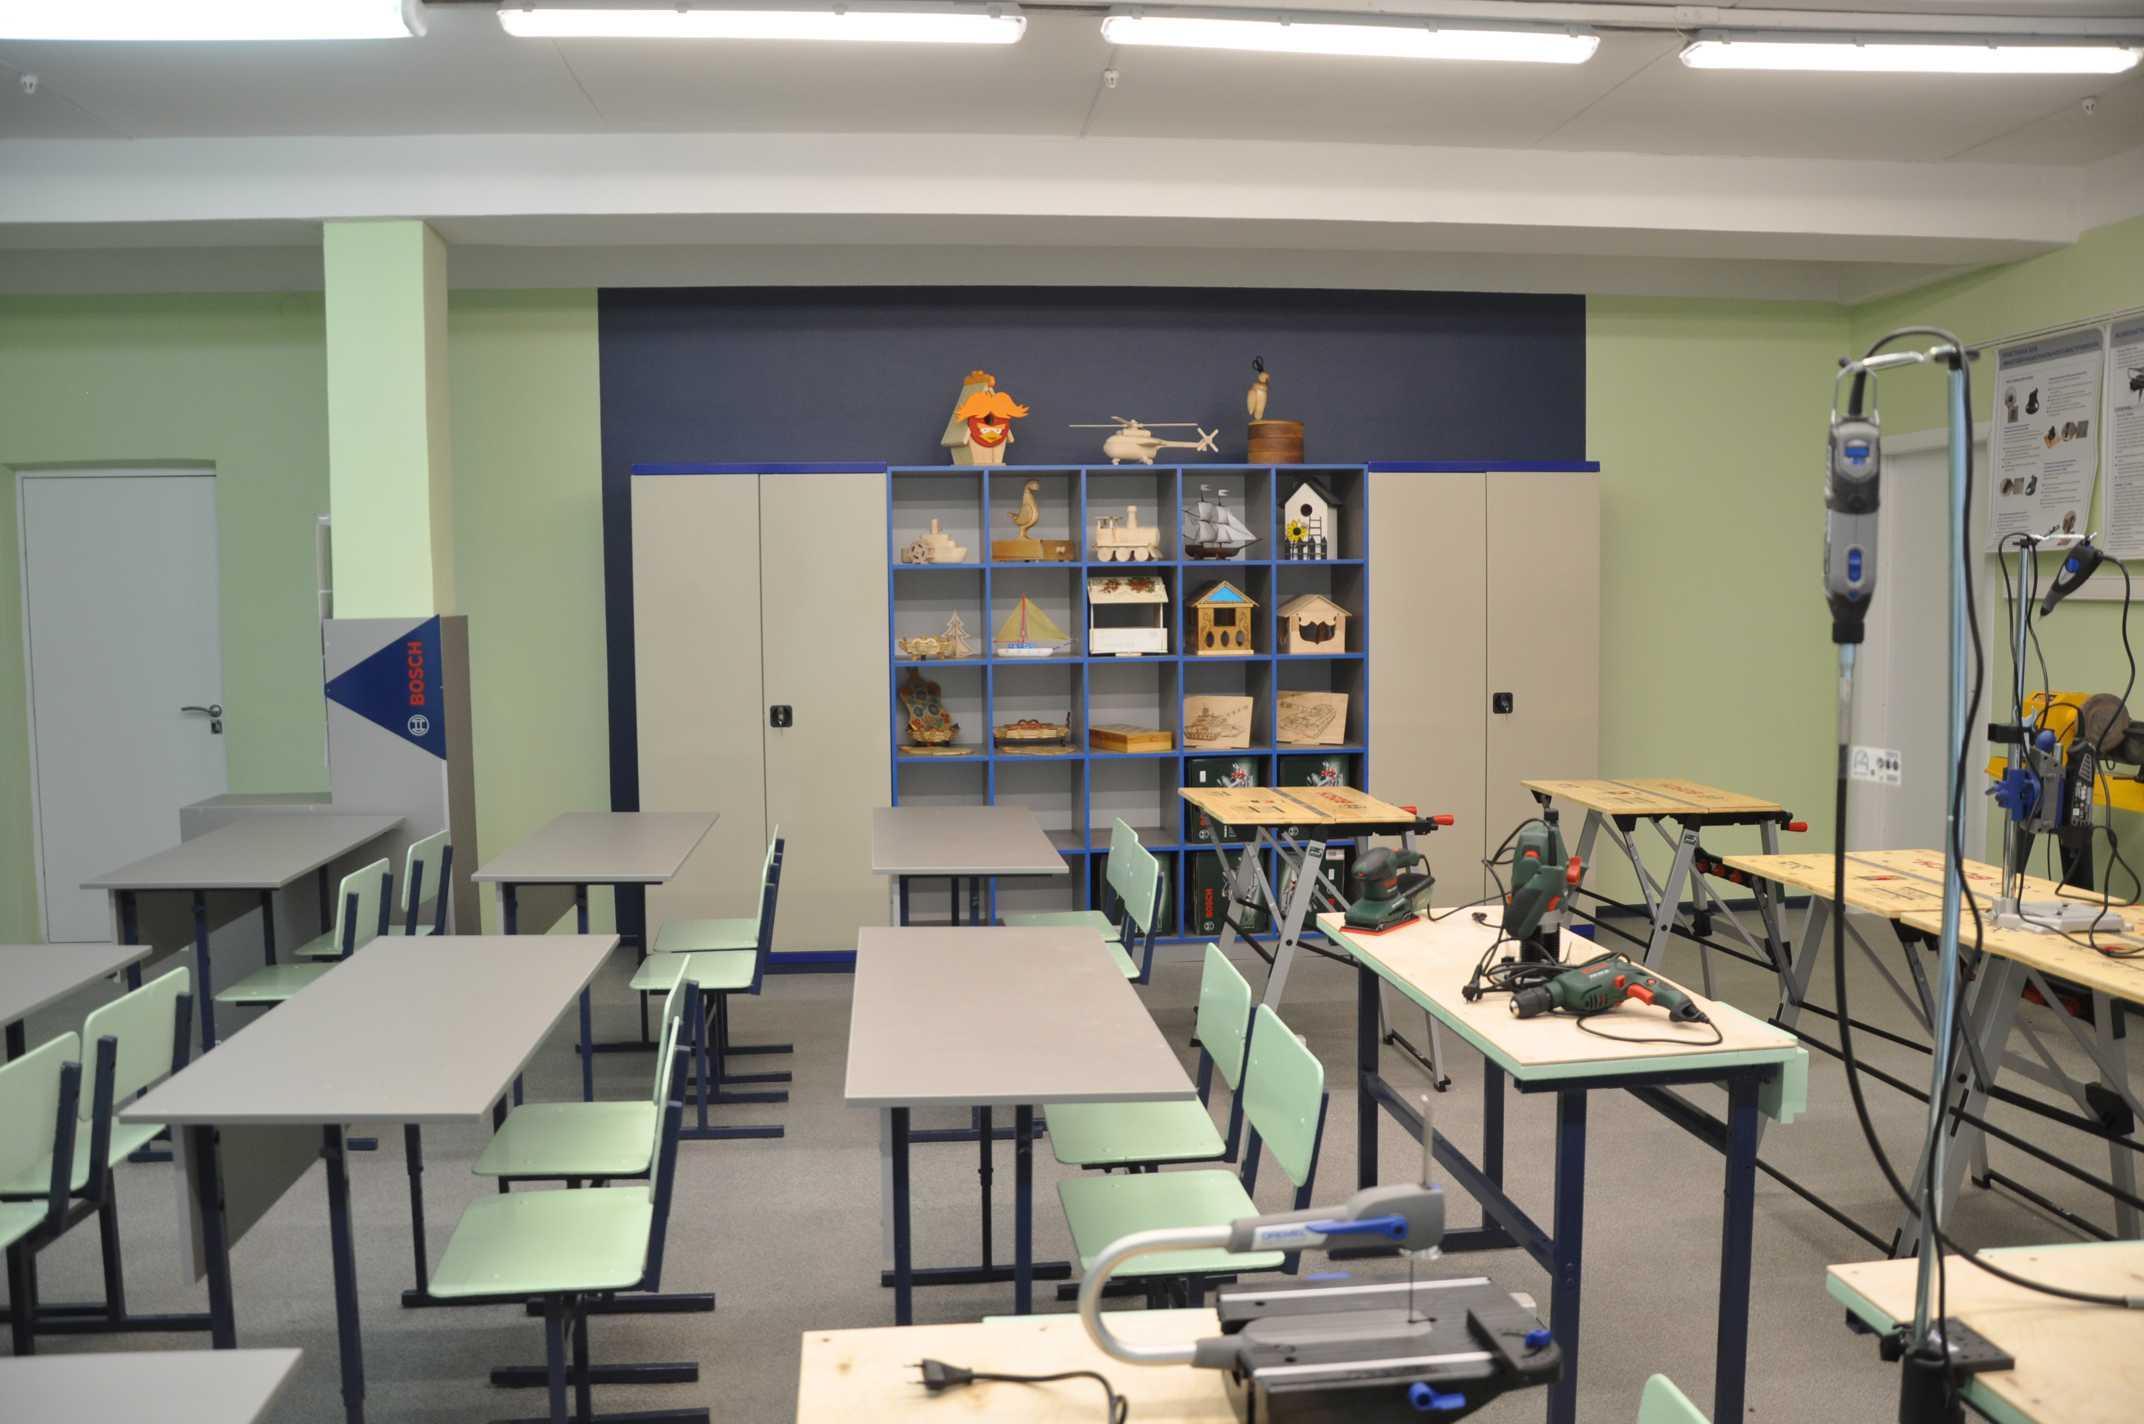 кабинет труда в школе картинки